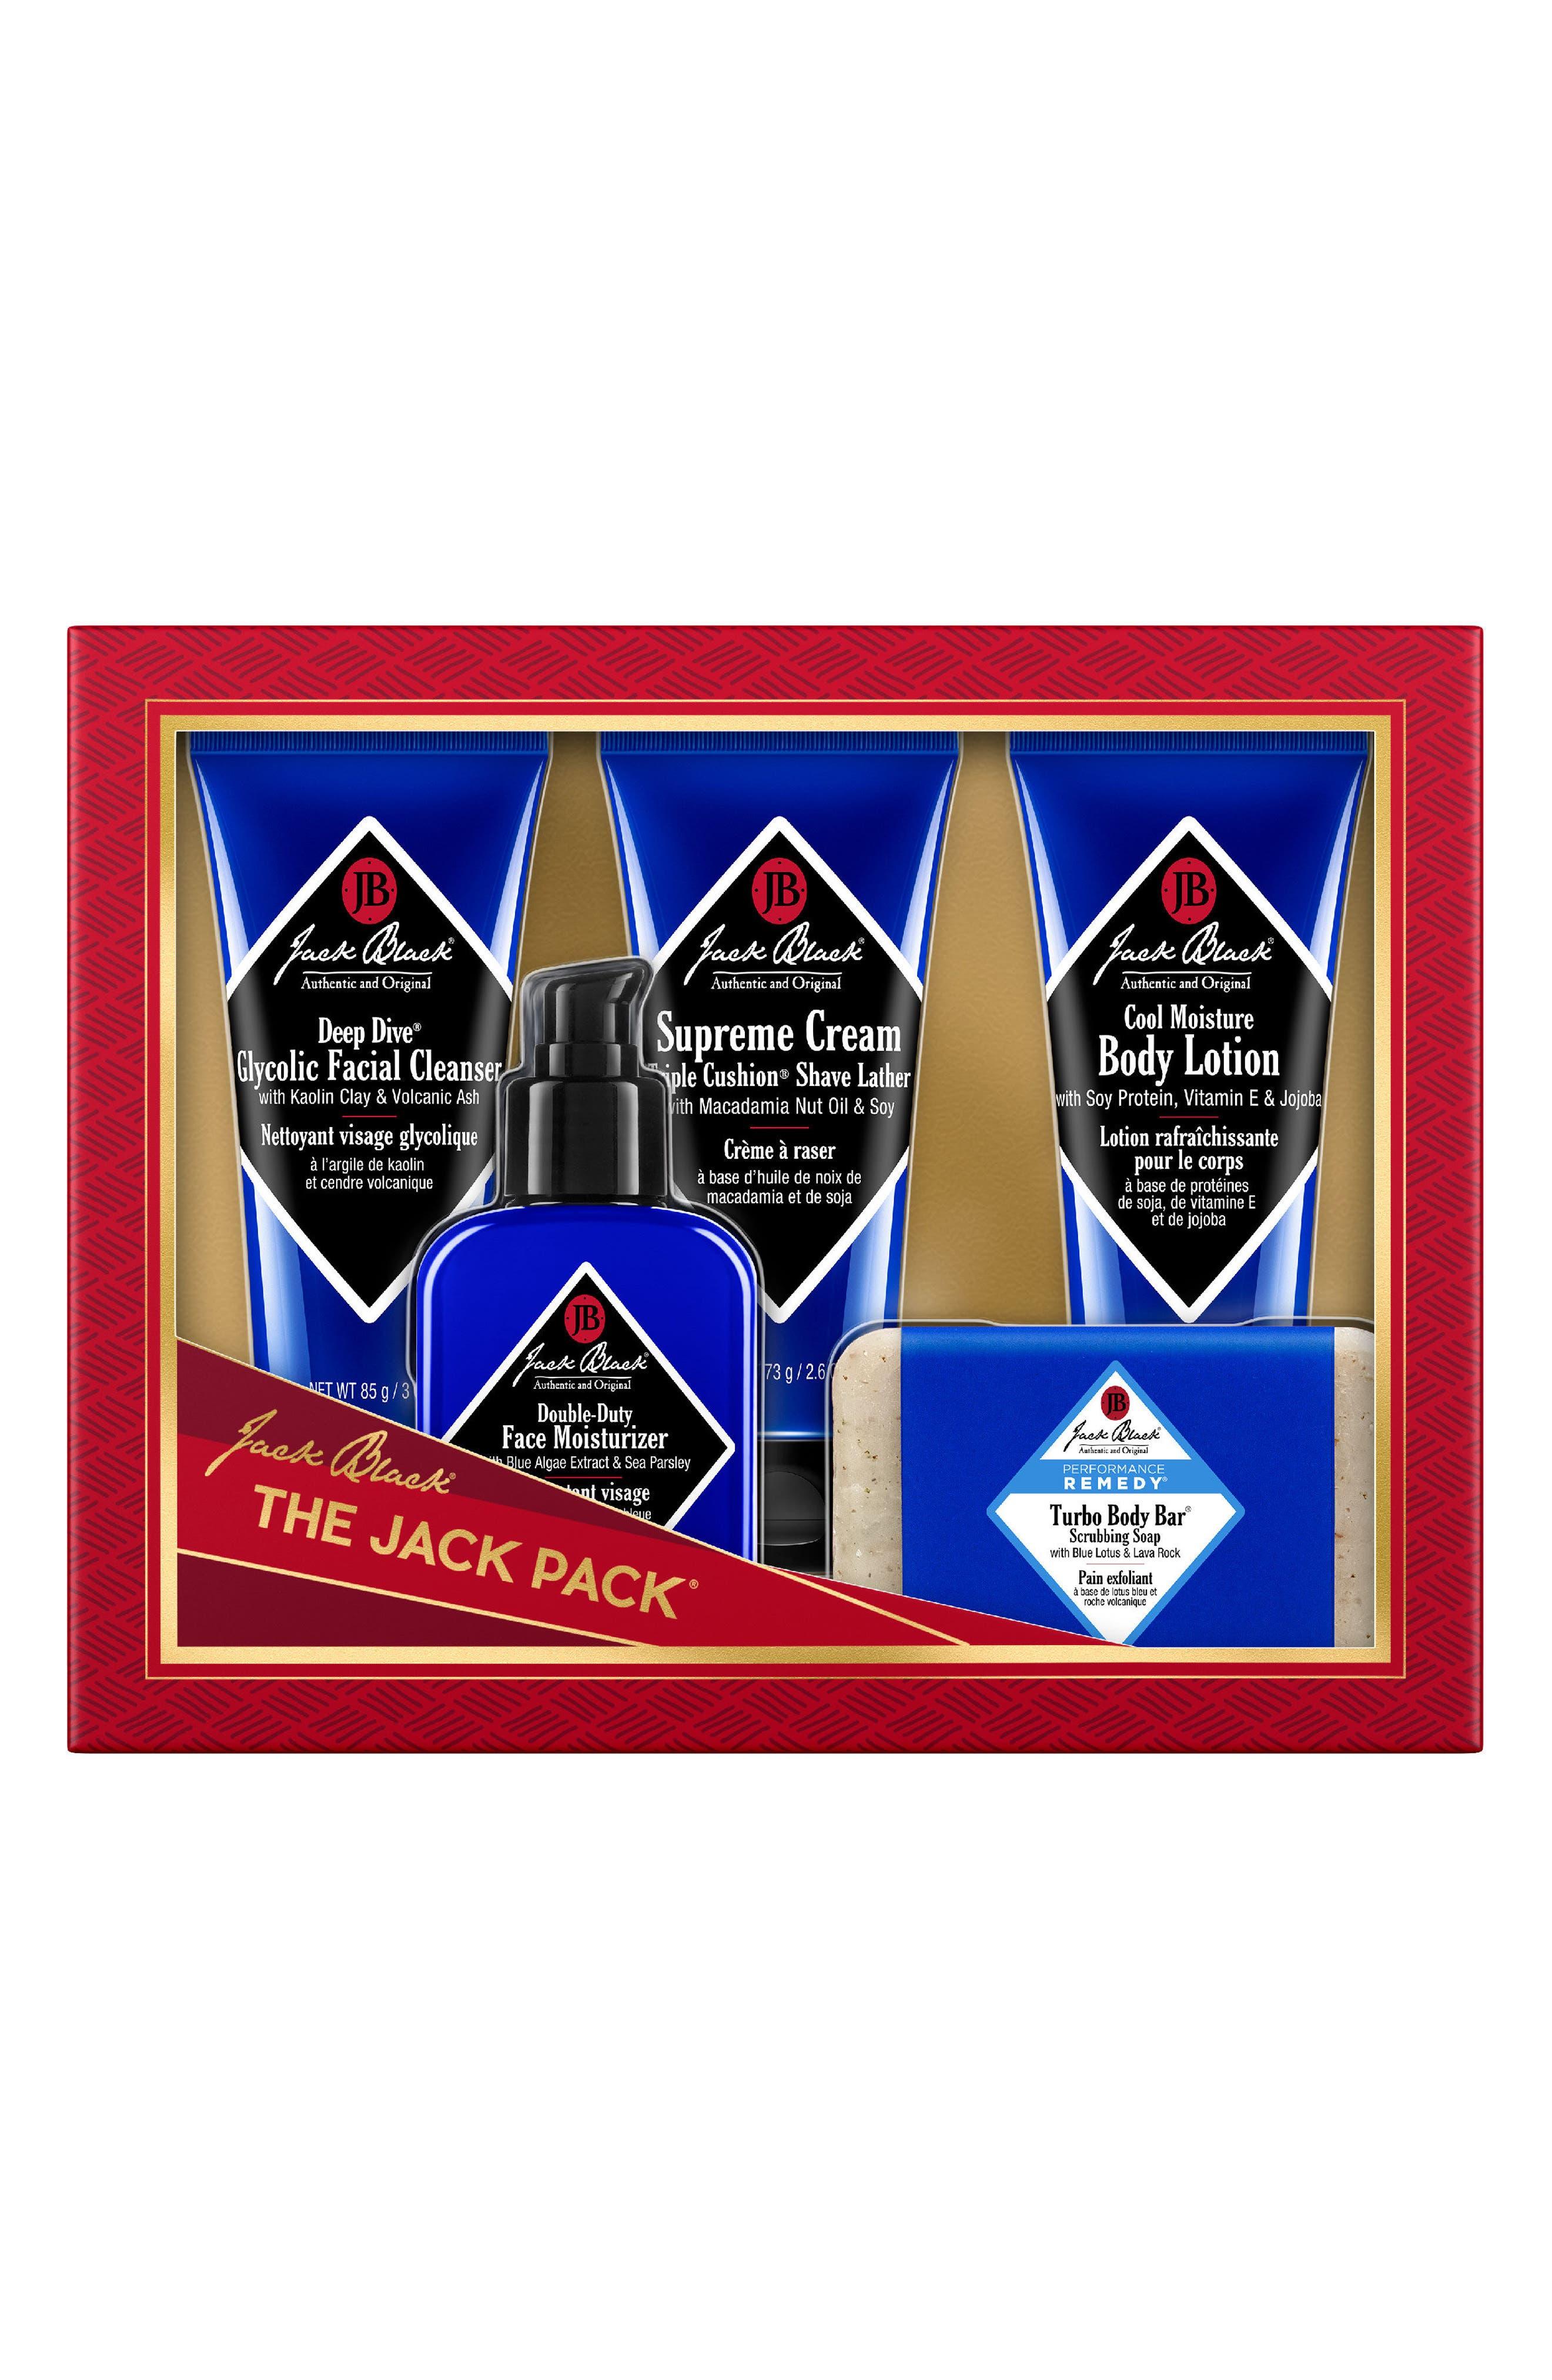 Jack Black The Jack Pack Set (Nordstrom Exclusive) ($80 Value)